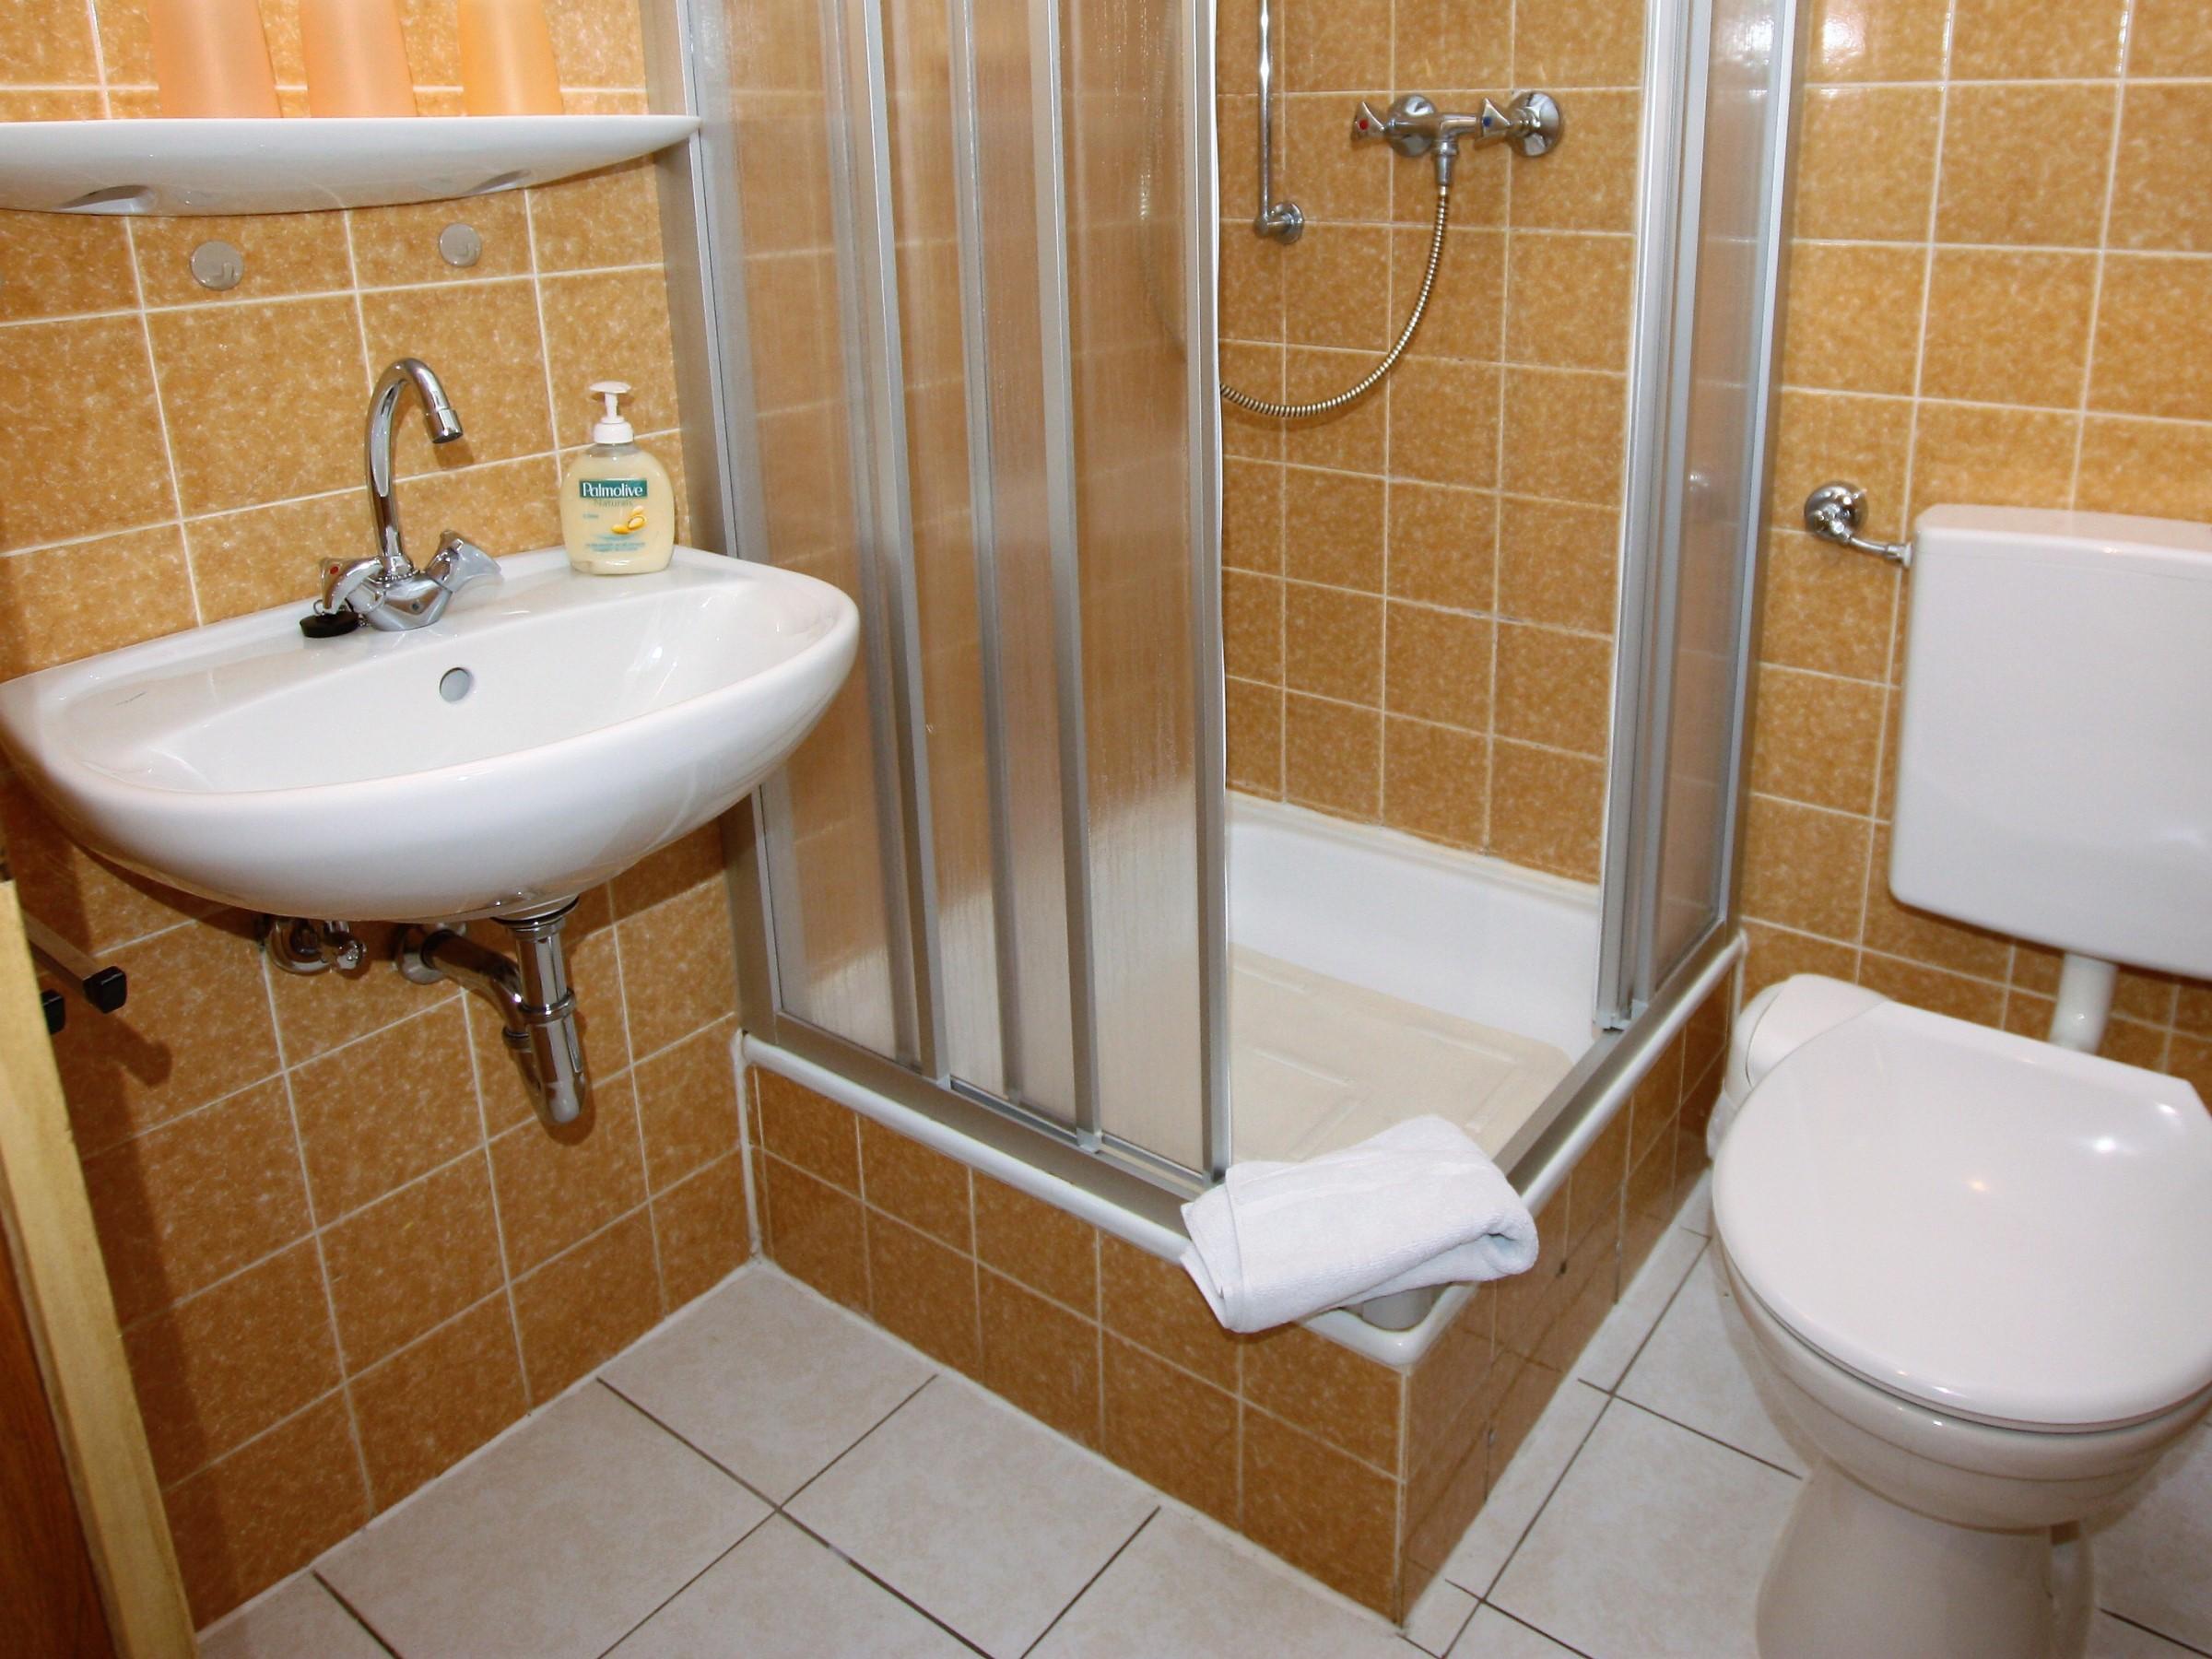 ferienwohnung stein freiburg ferienwohnung 36 qm 1 schlafzimmer max 4 personen. Black Bedroom Furniture Sets. Home Design Ideas